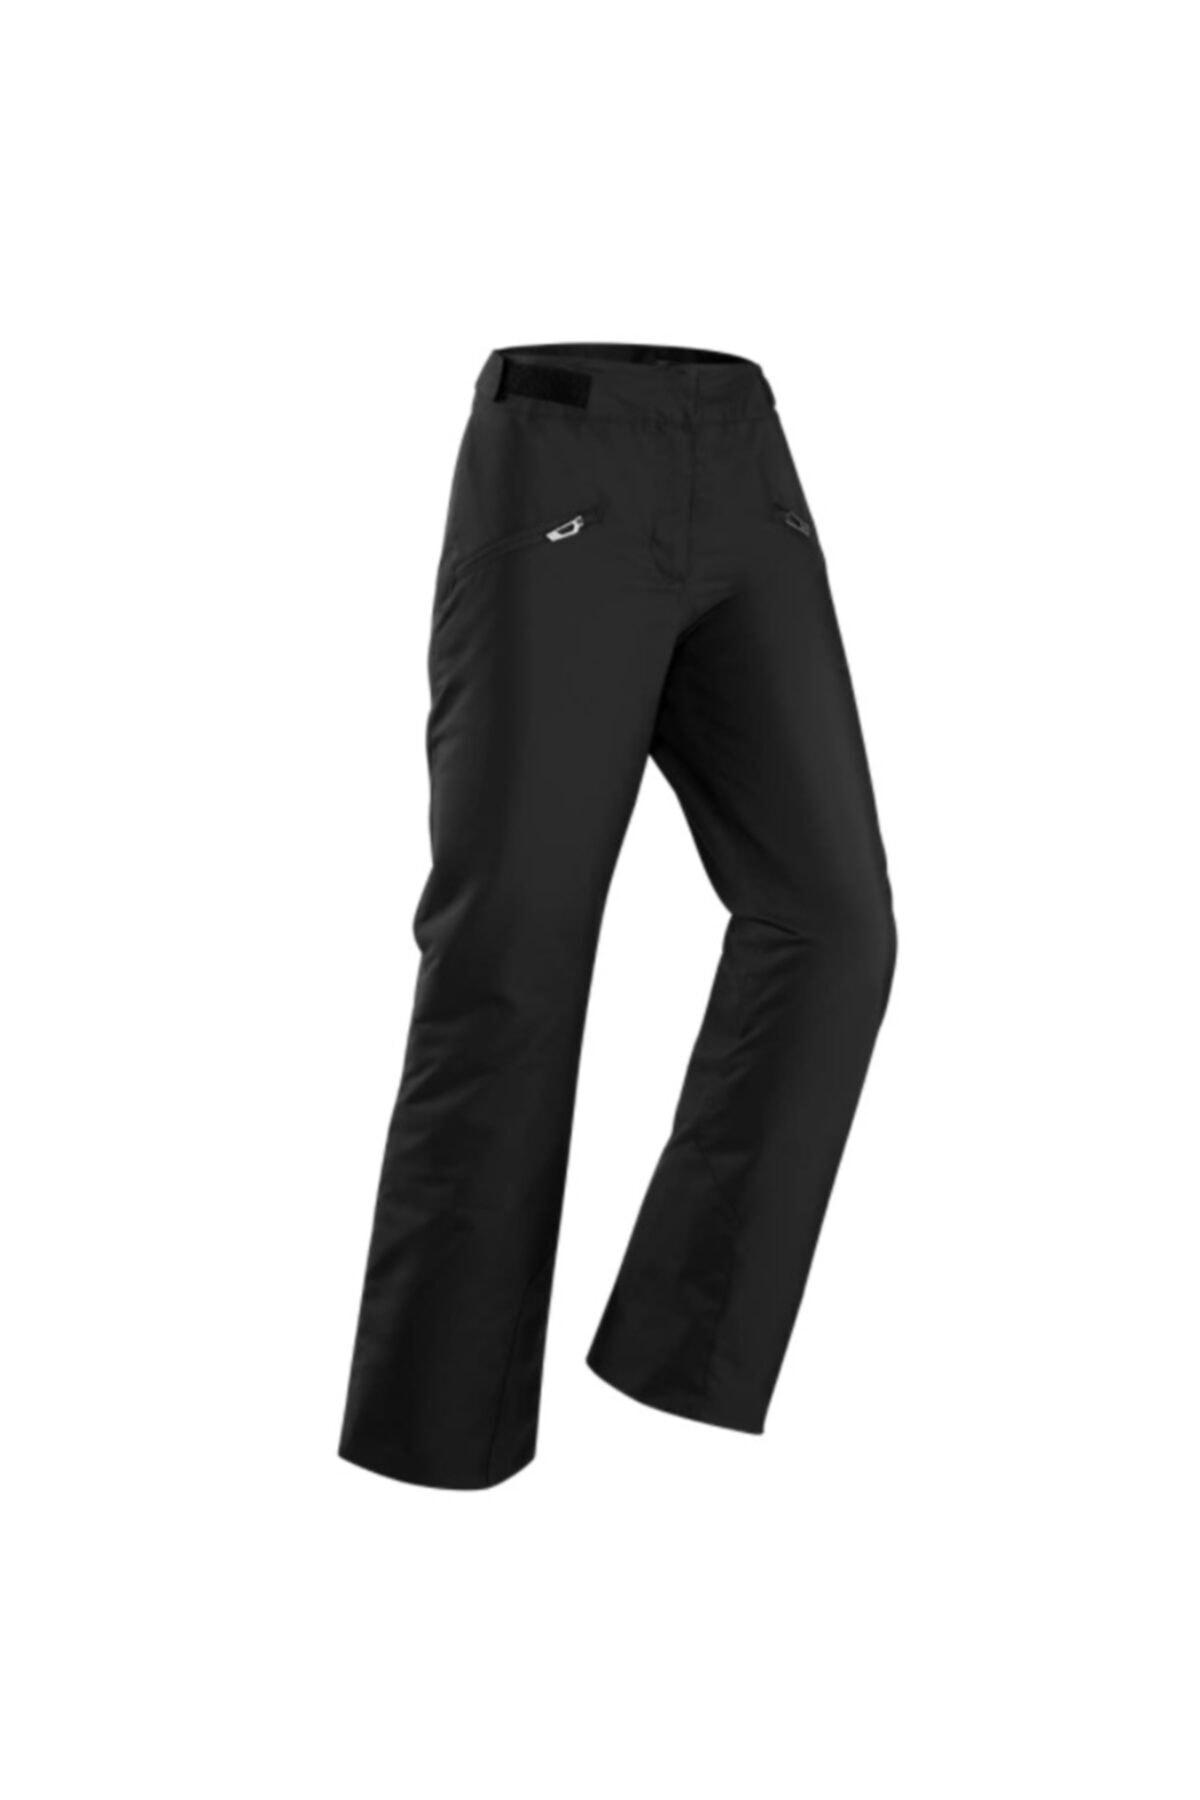 WEDZE Kadın Kayak Pantolonu - Siyah - 180 (26) 1